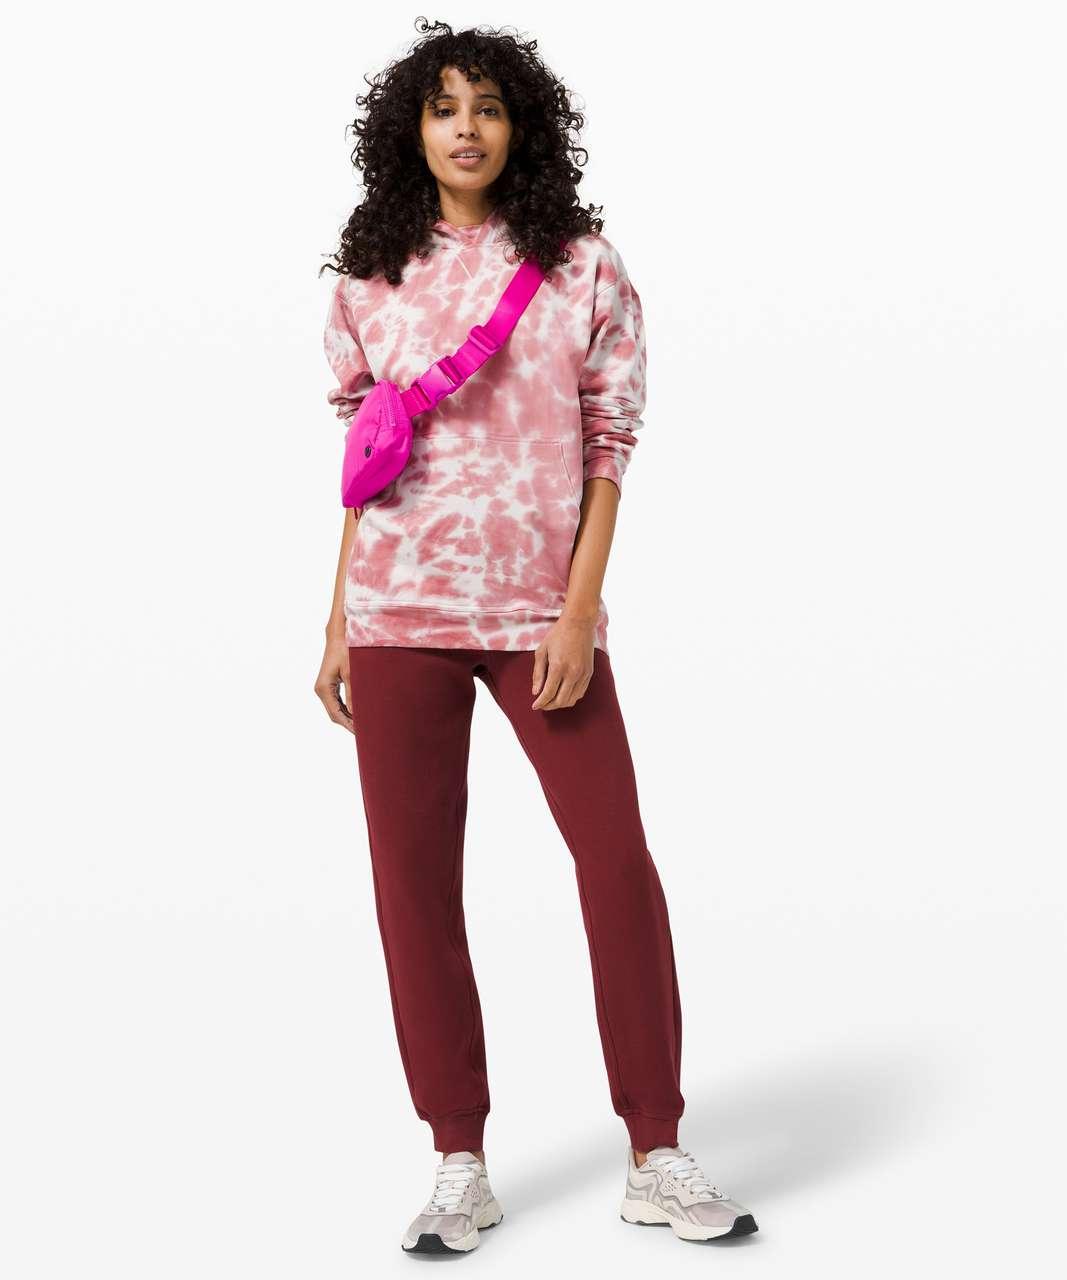 Lululemon All Yours Hoodie Tie Dye *Fleece - Marmoleado Tie Dye Brier Rose